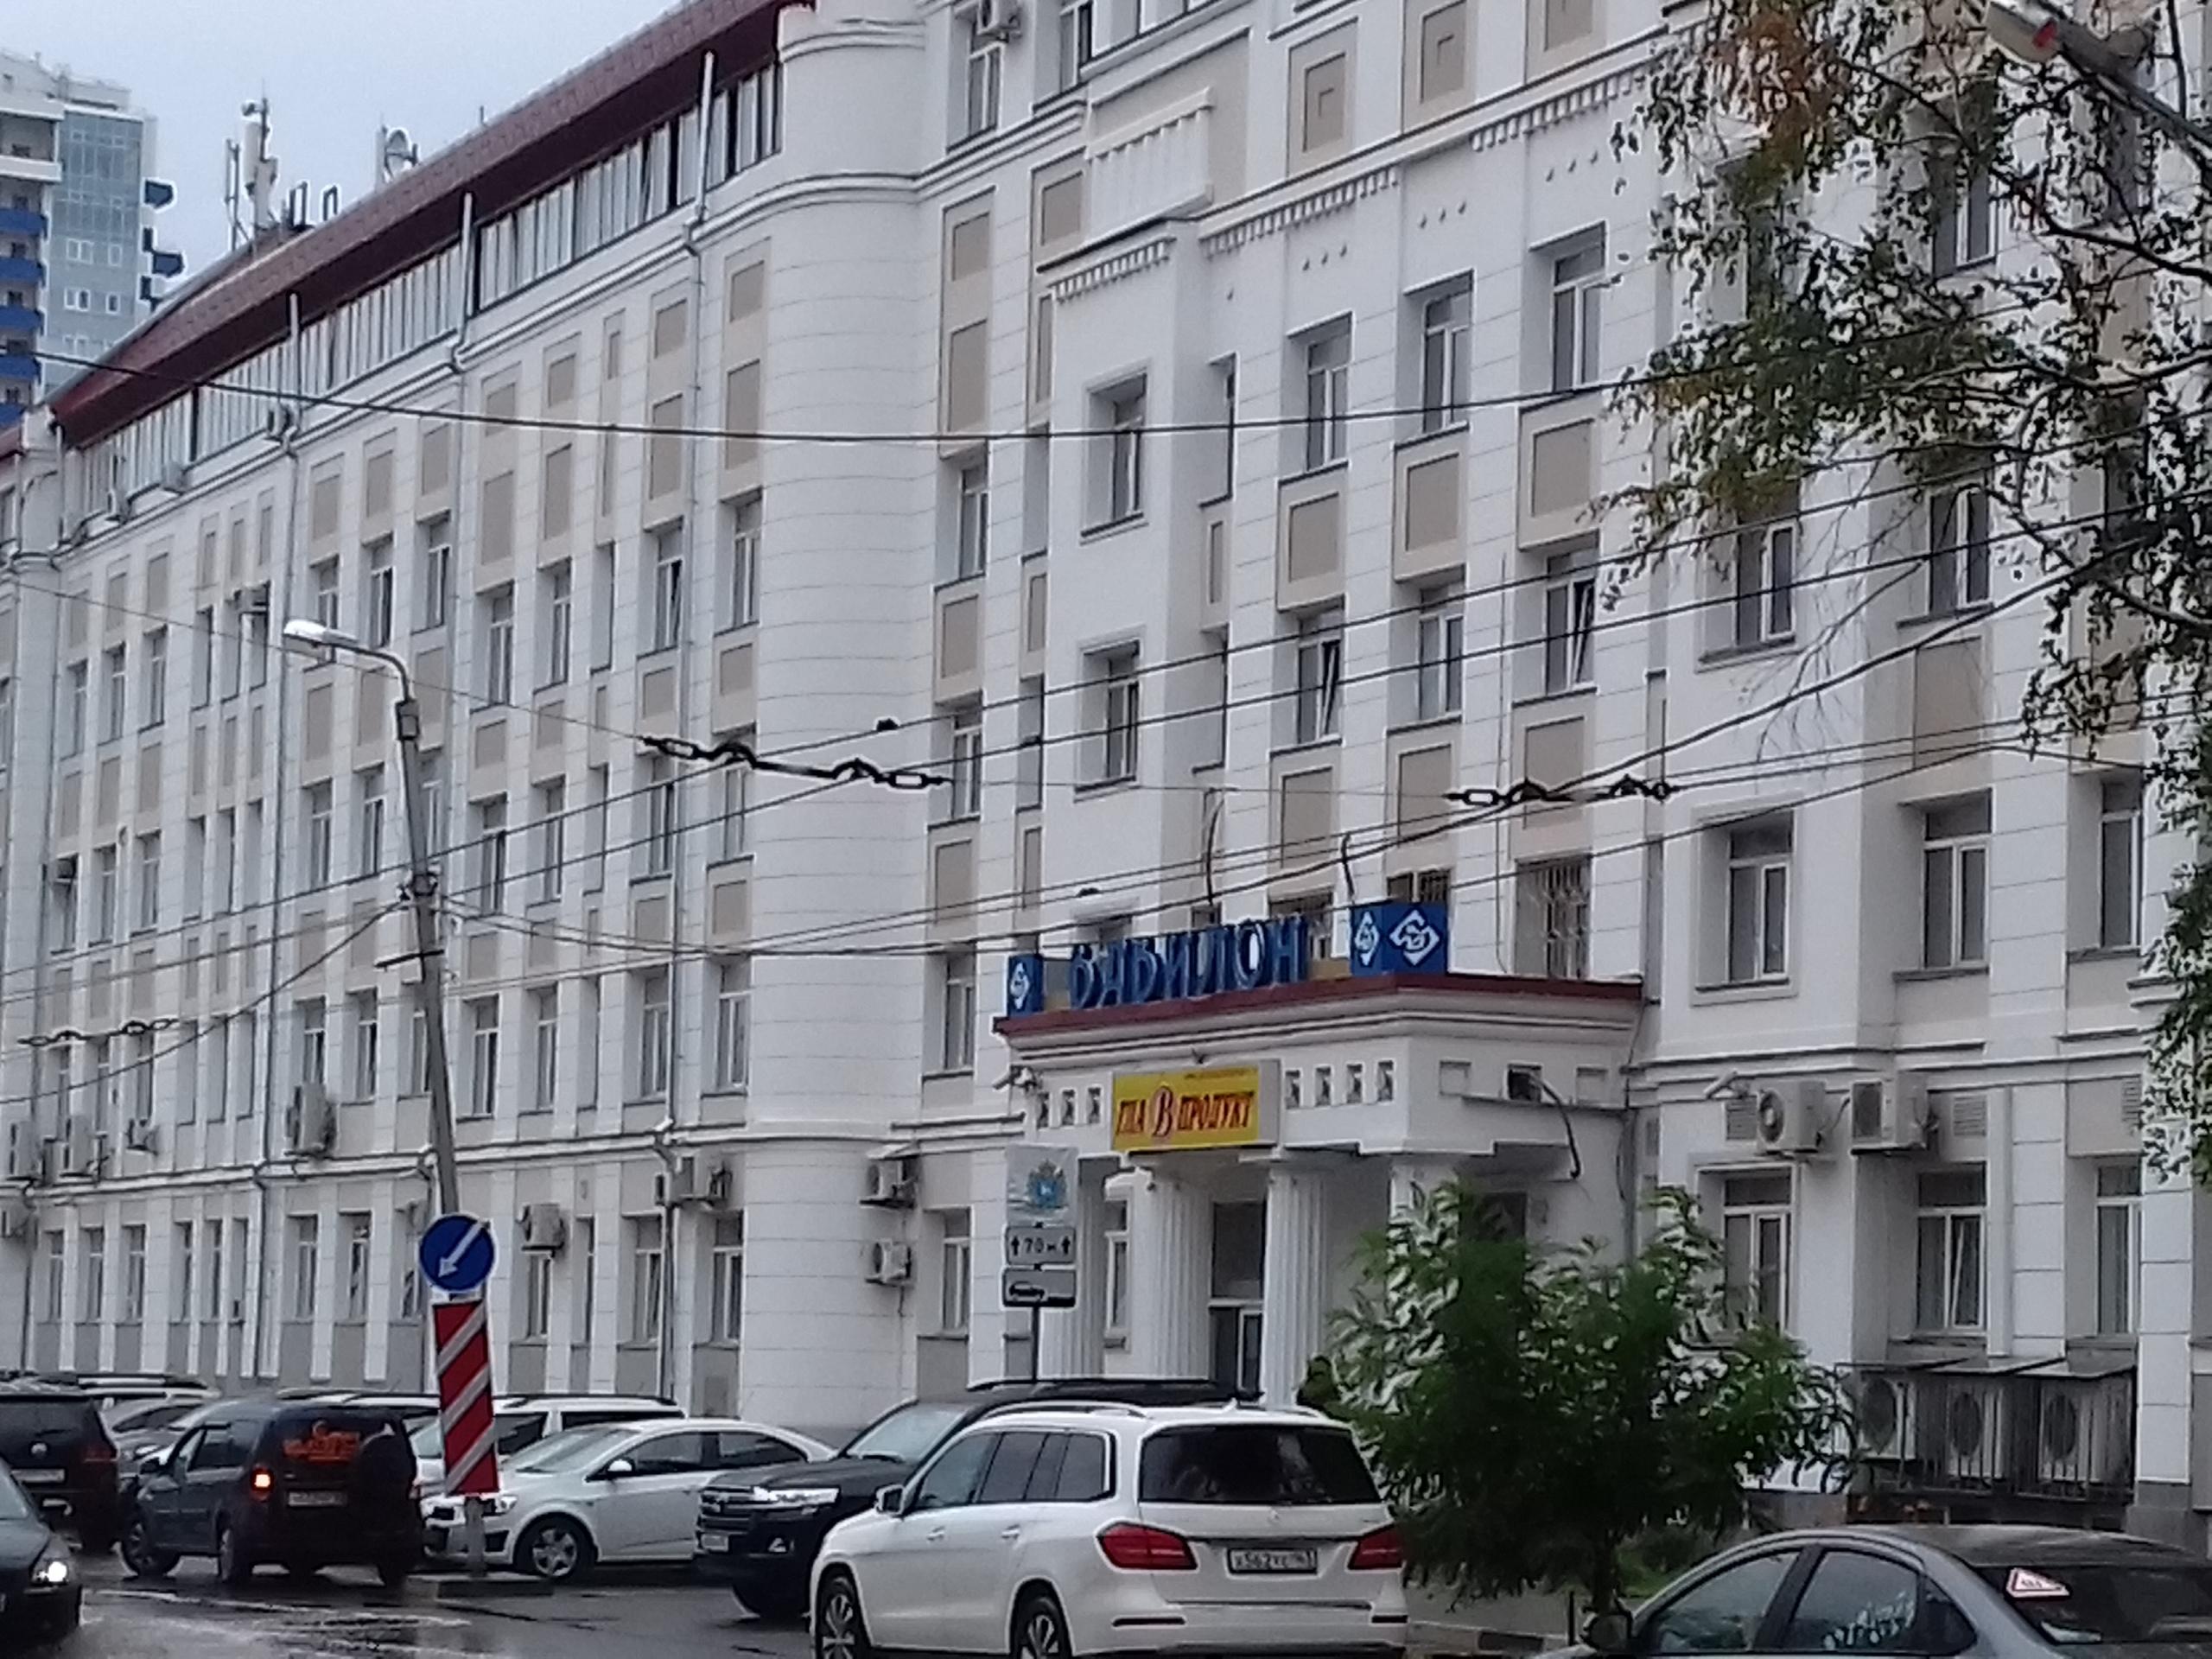 Мы переехали по адресу:  Самара, ул. Ульяновская, д.18, ТЦ Вавилон, 2 этаж, сек.224